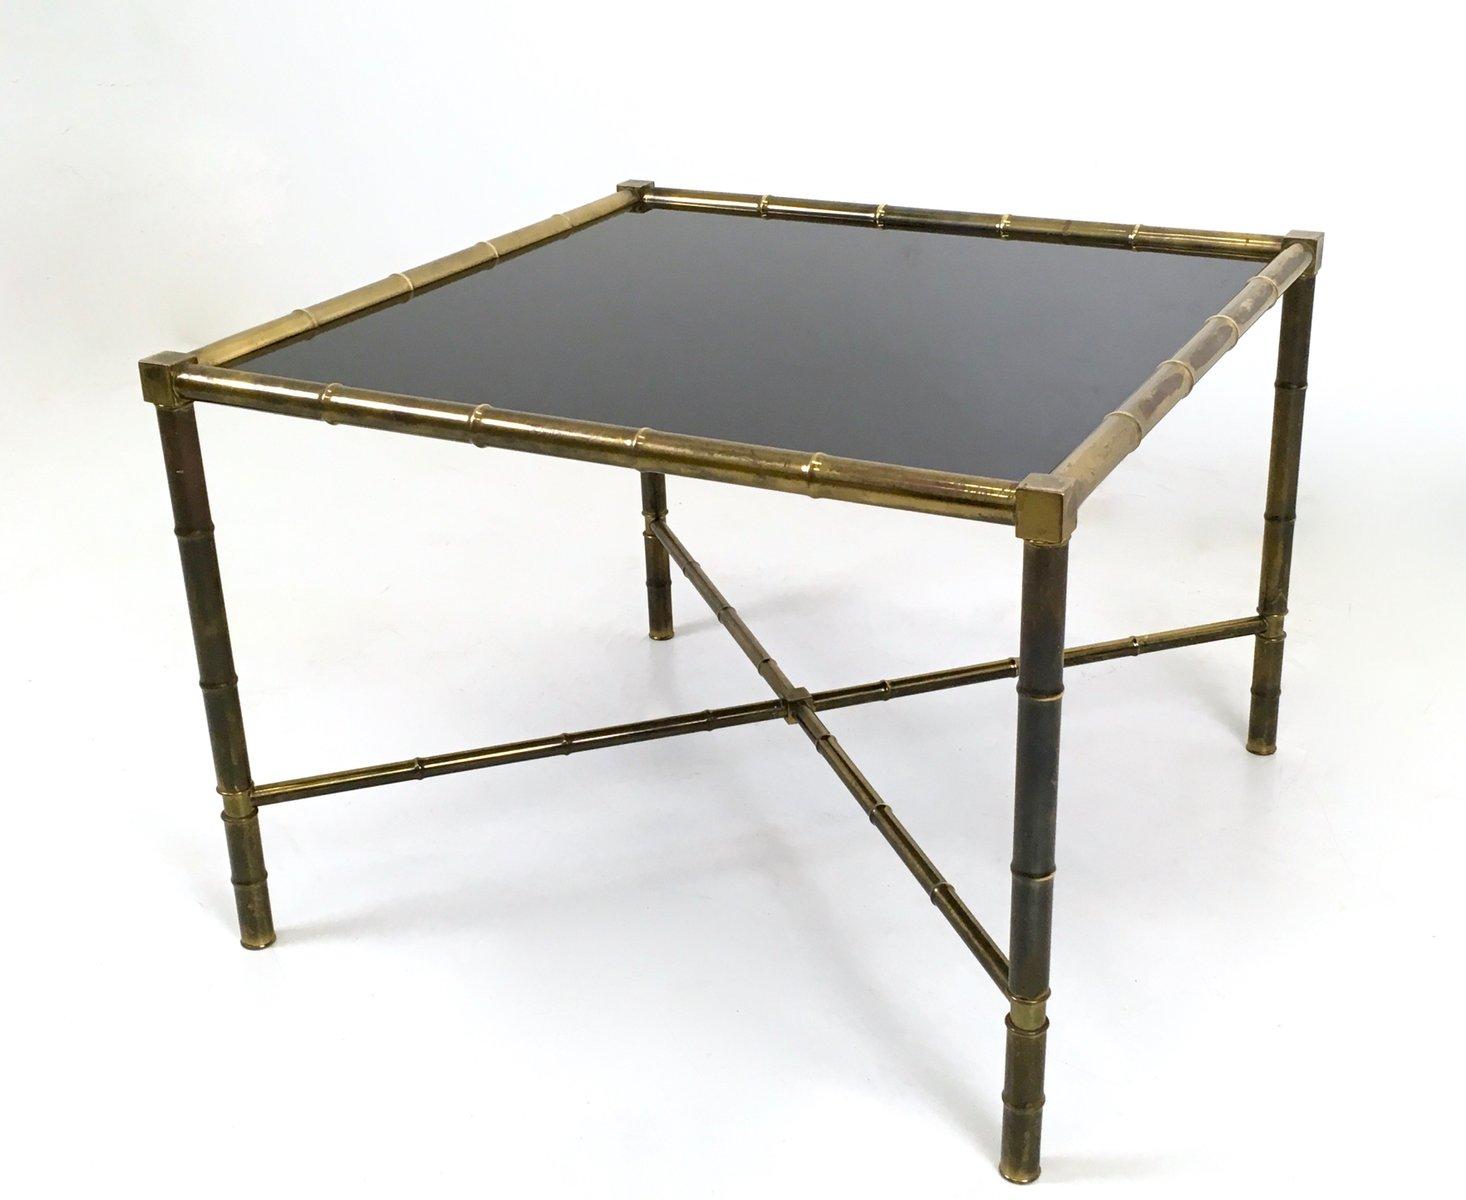 table basse mid century en laiton et verre opalin france 1950s en vente sur pamono. Black Bedroom Furniture Sets. Home Design Ideas